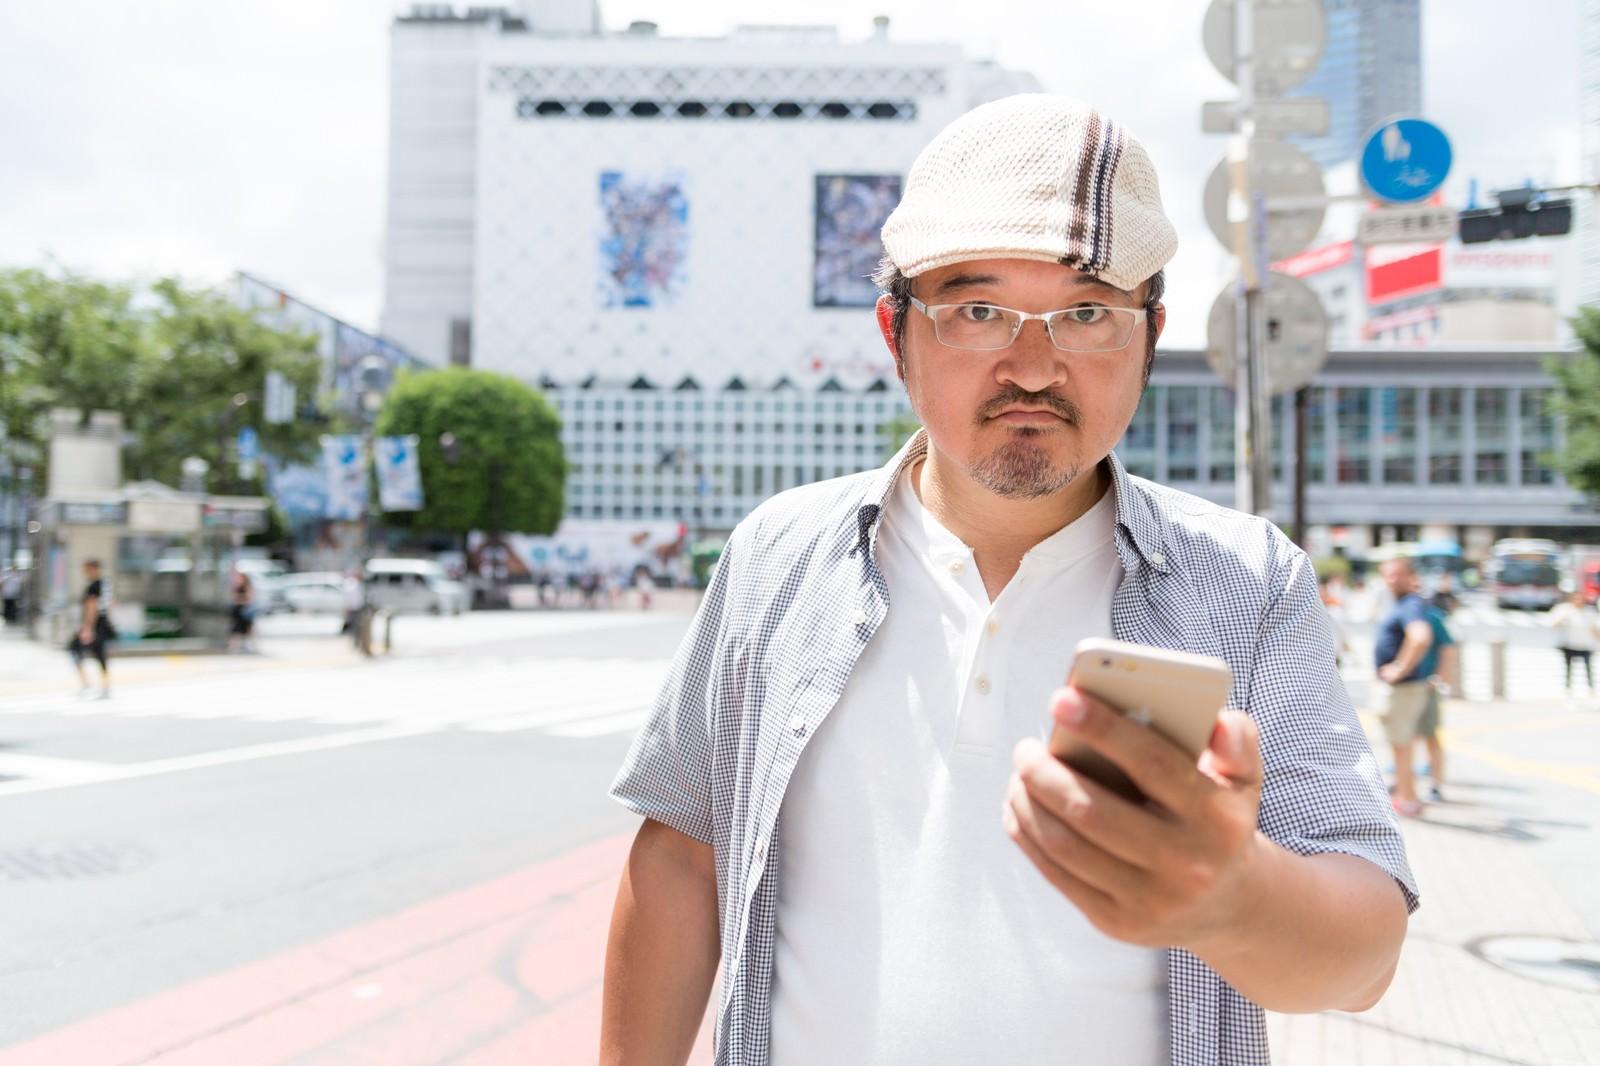 「現実は面白いことに満ち溢れていると訴えるハンチング帽の男性現実は面白いことに満ち溢れていると訴えるハンチング帽の男性」[モデル:ナリシゲ]のフリー写真素材を拡大